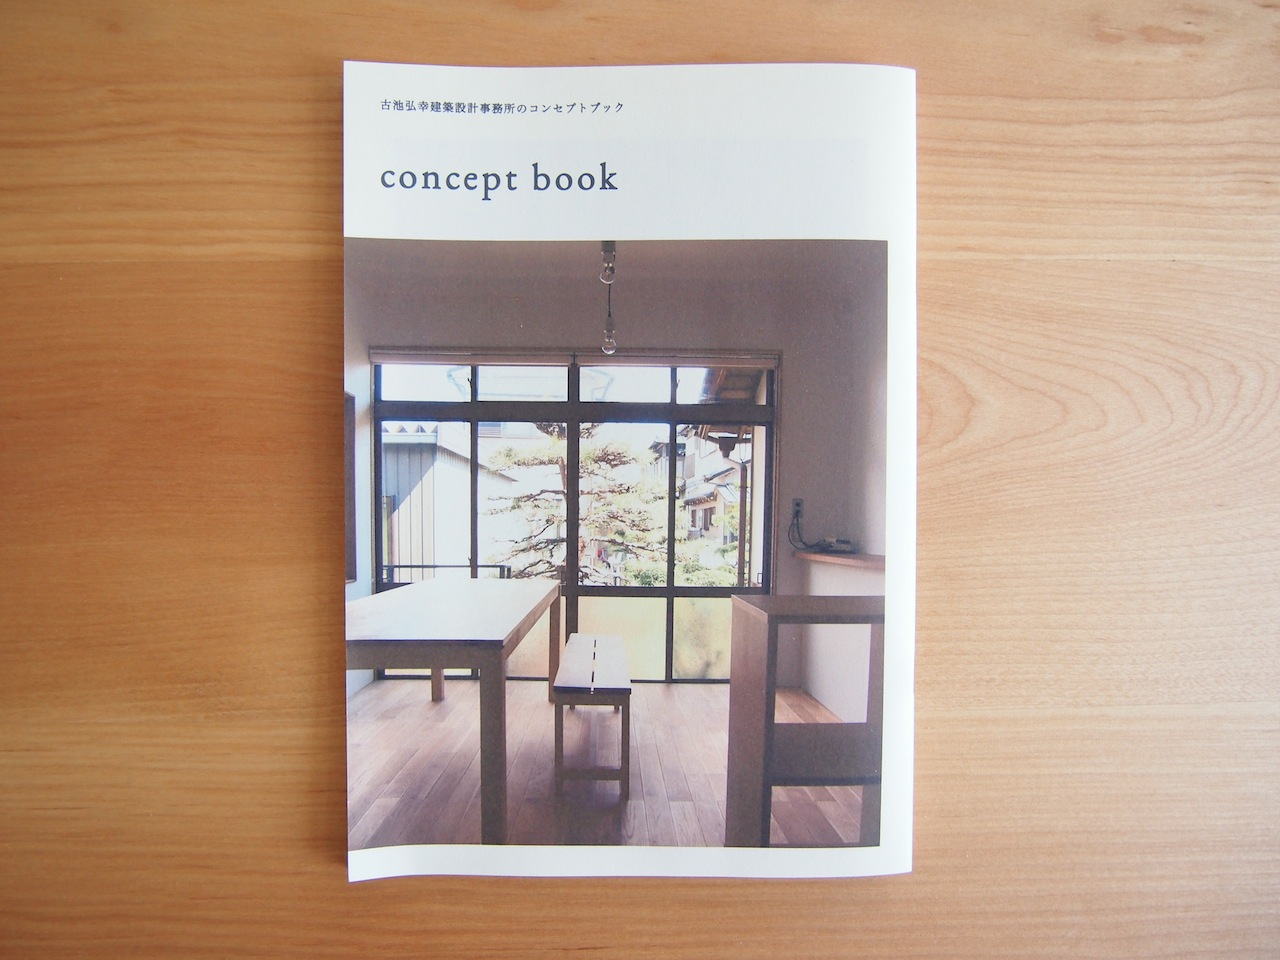 コンセプトブック01